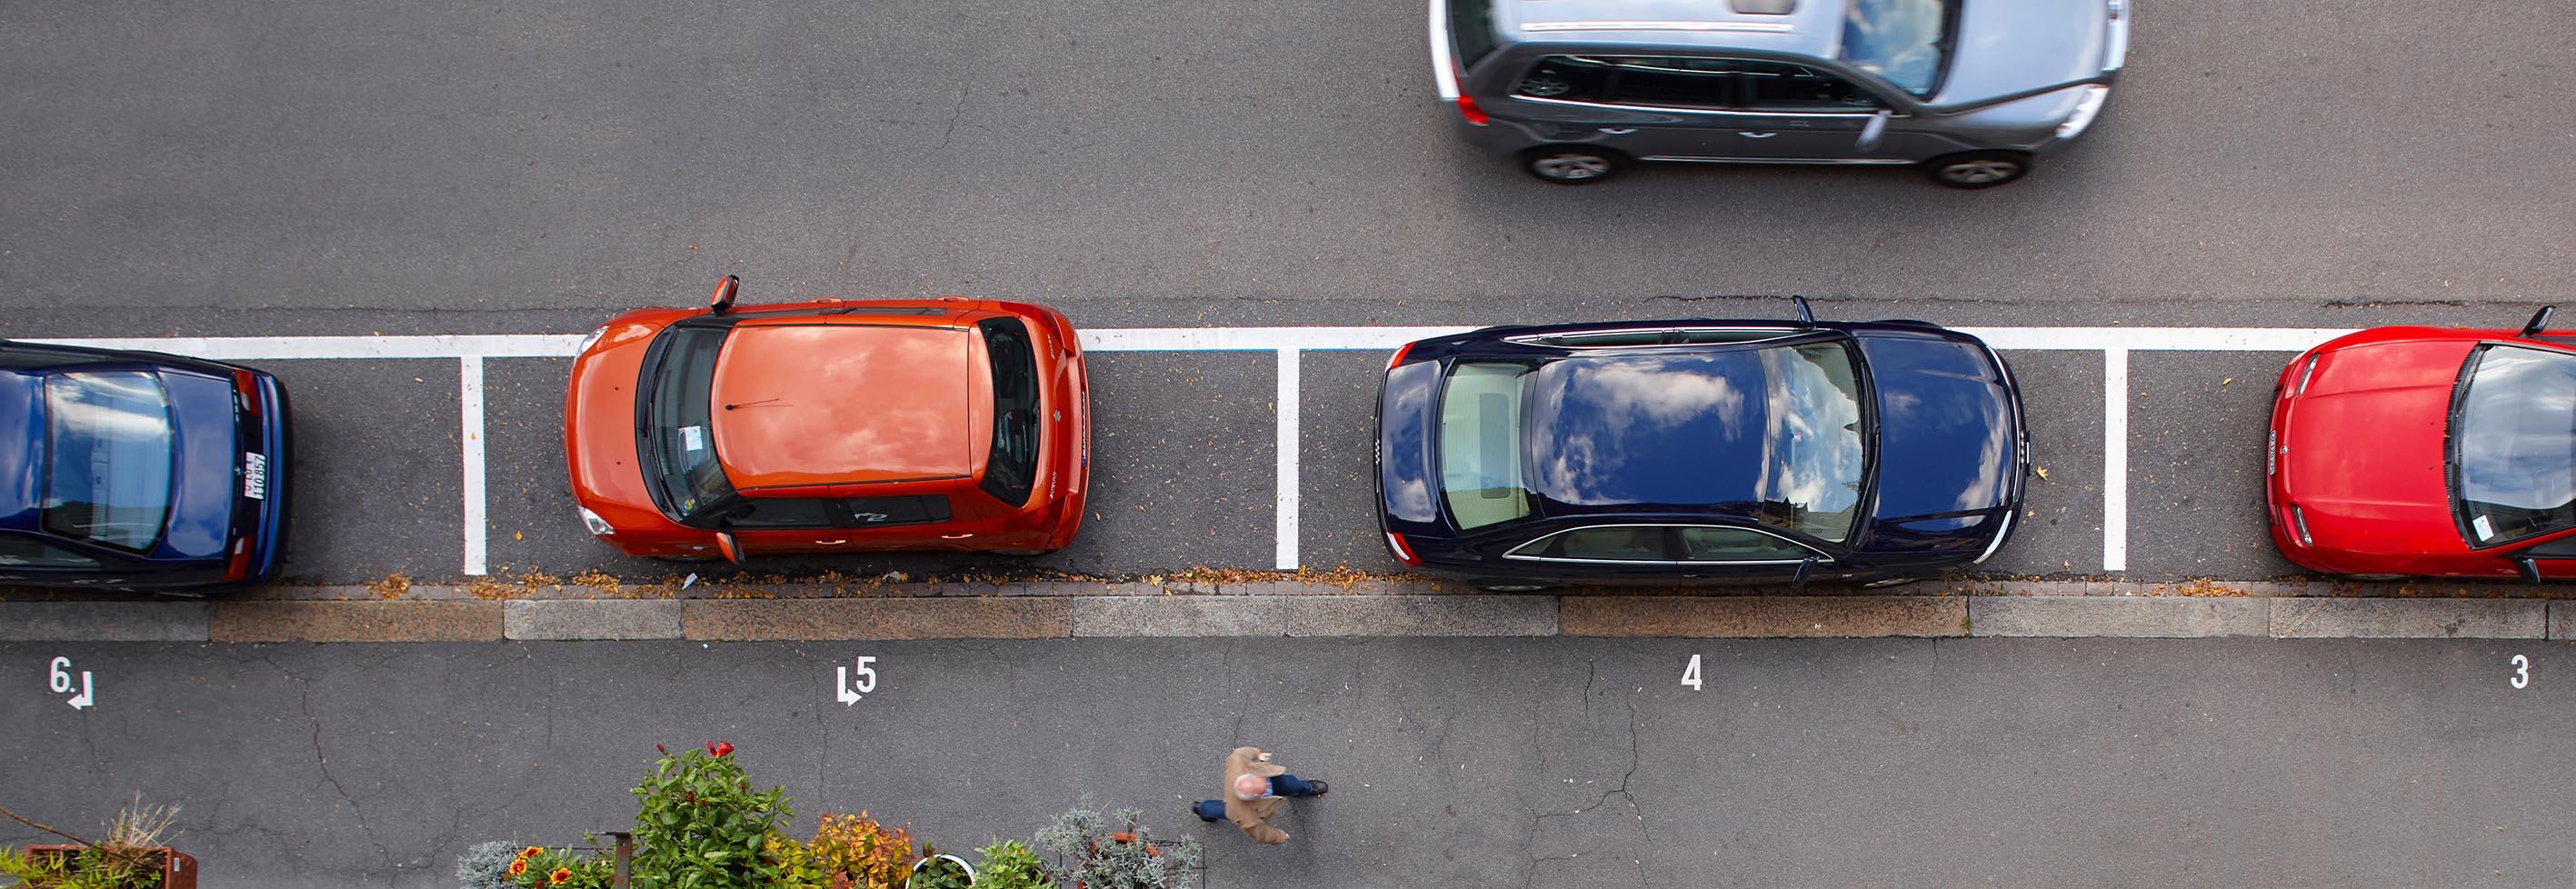 Auto & Öffentliche Parkplätze